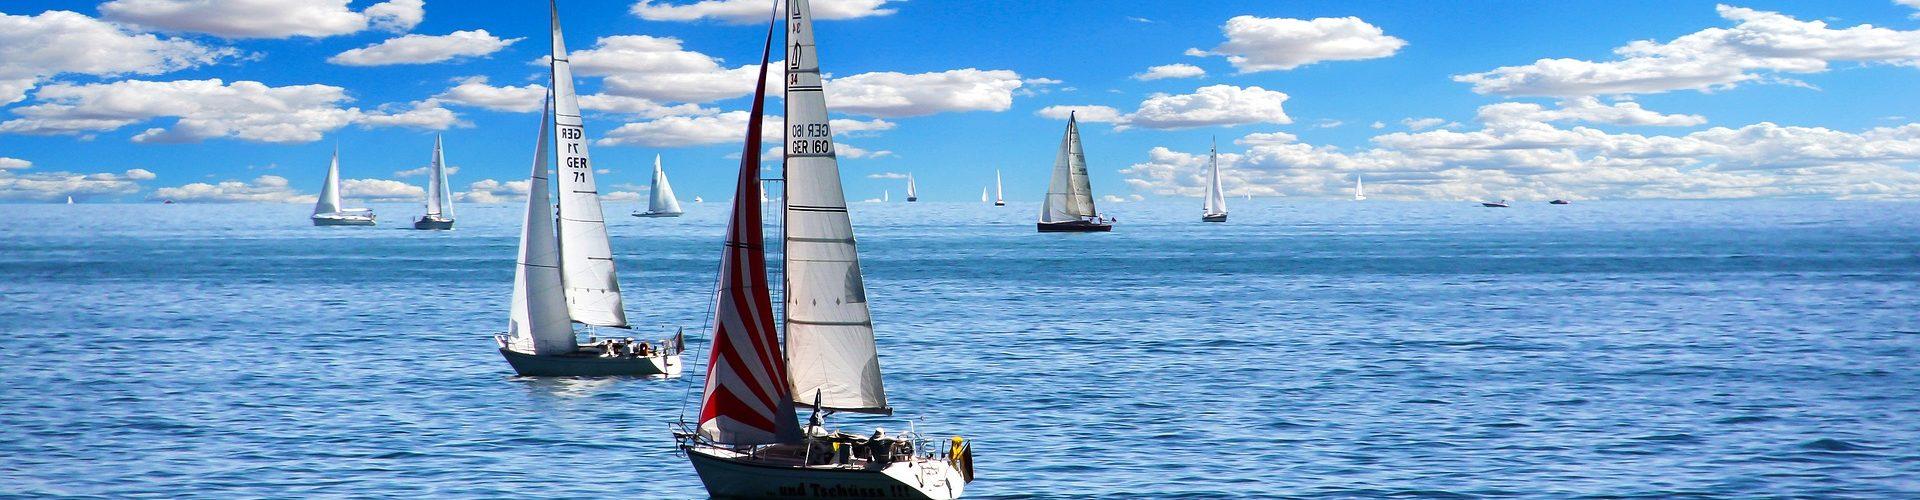 segeln lernen in Ober Mörlen segelschein machen in Ober Mörlen 1920x500 - Segeln lernen in Ober-Mörlen